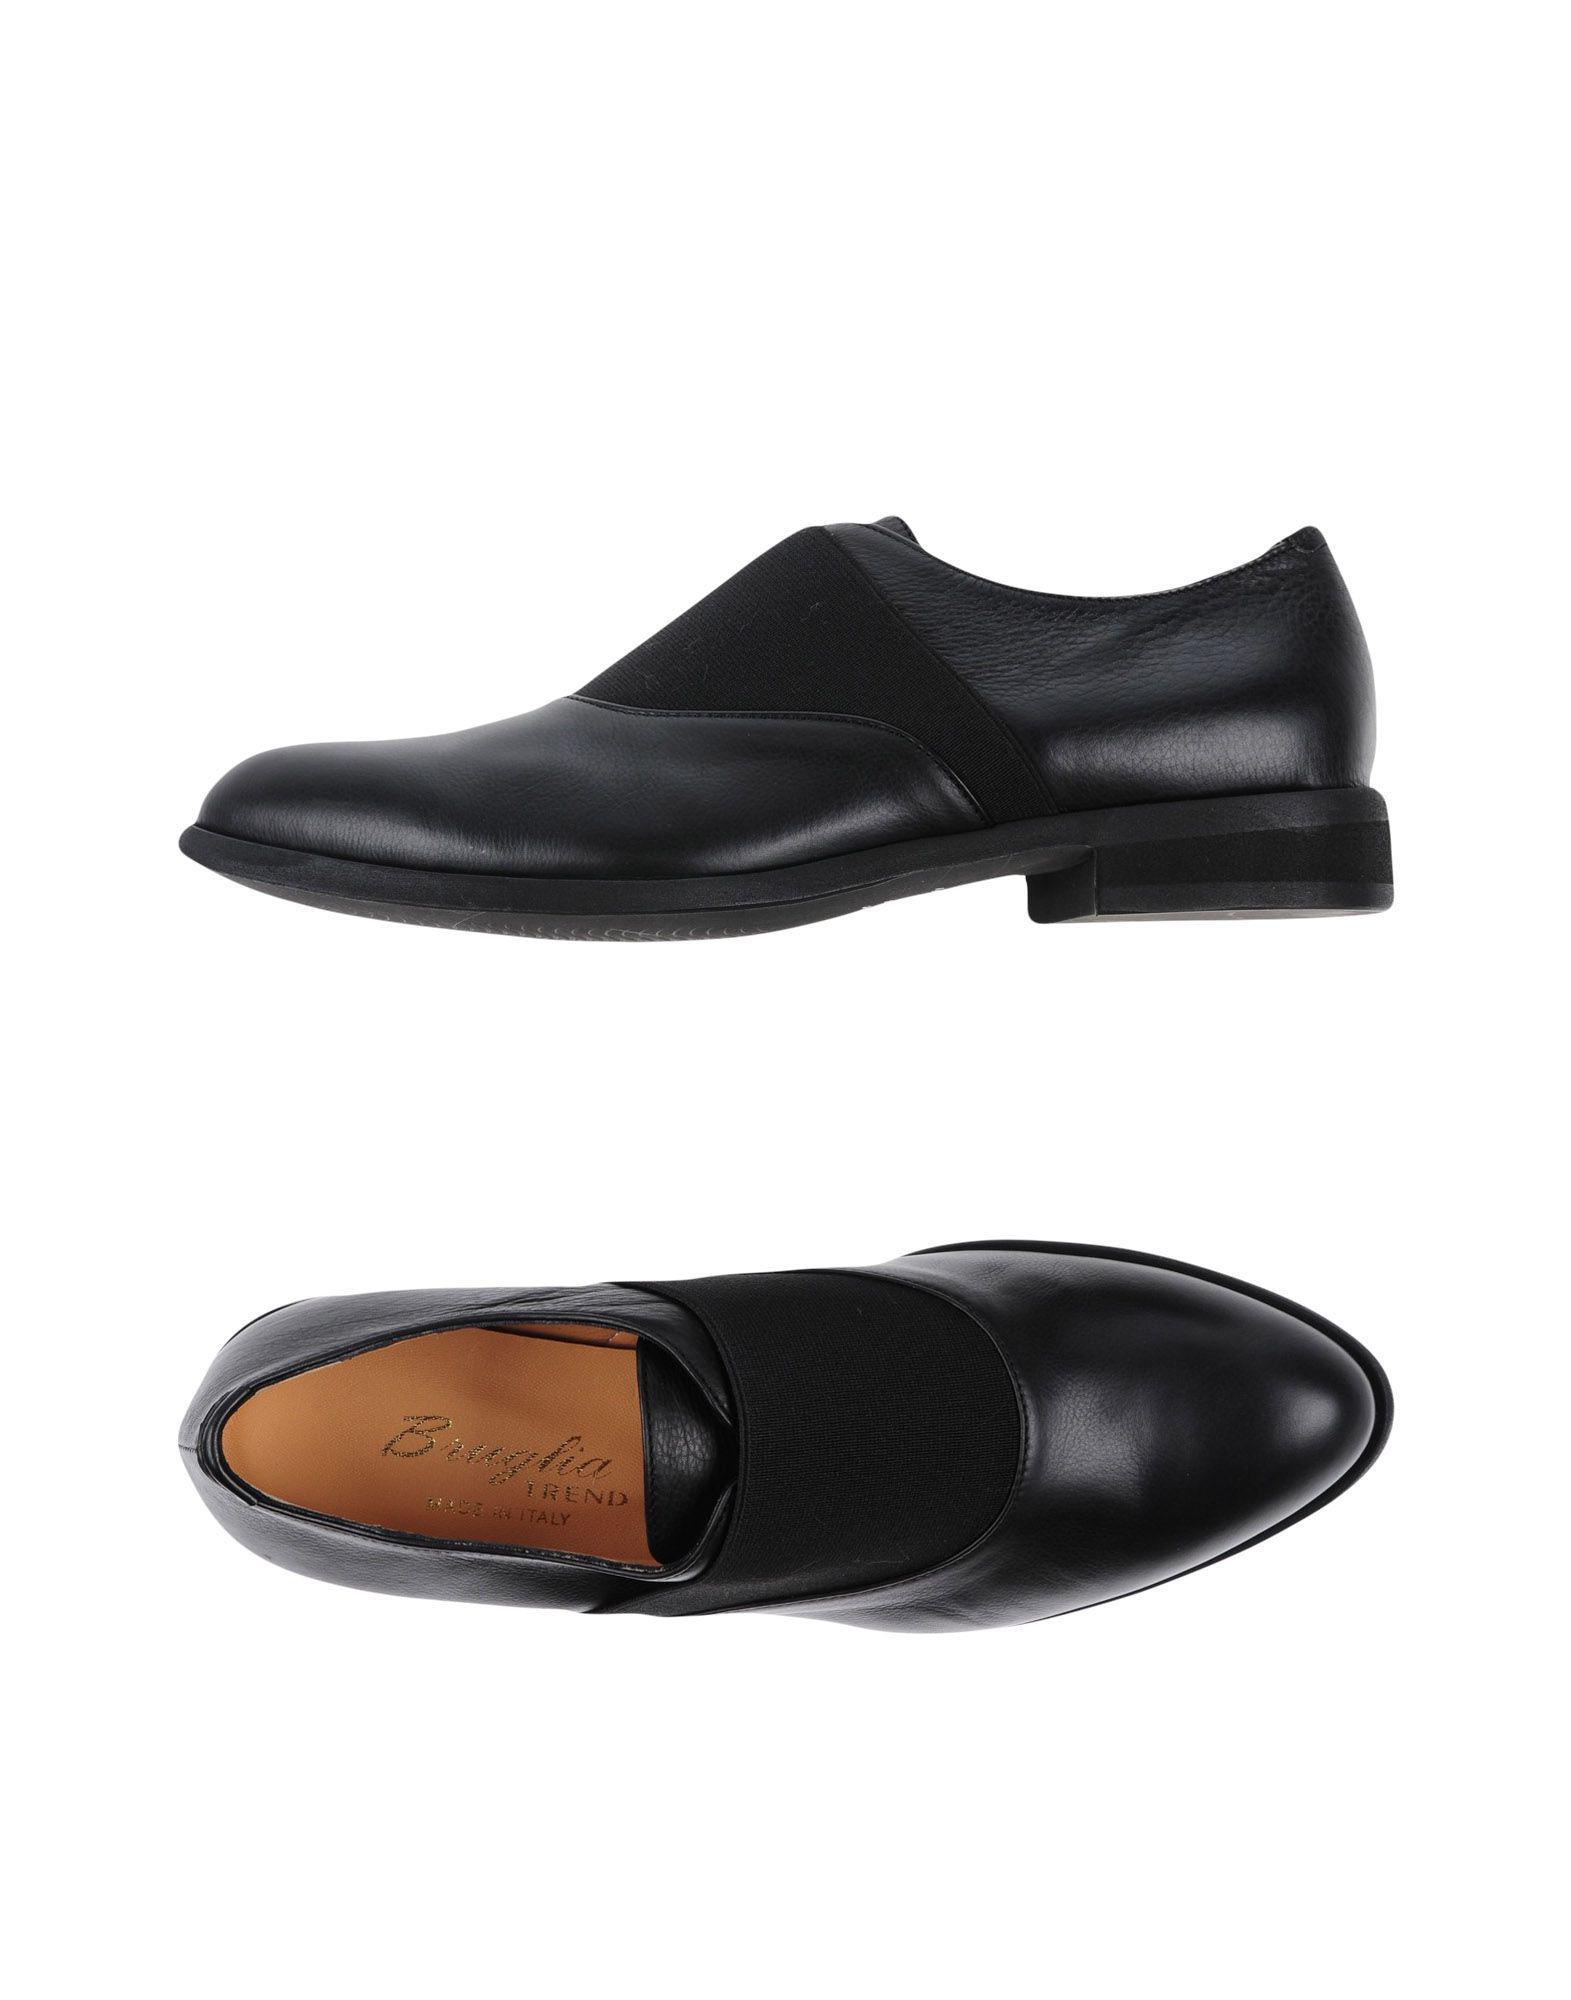 FOOTWEAR - Loafers Bruglia Wq4JBQ